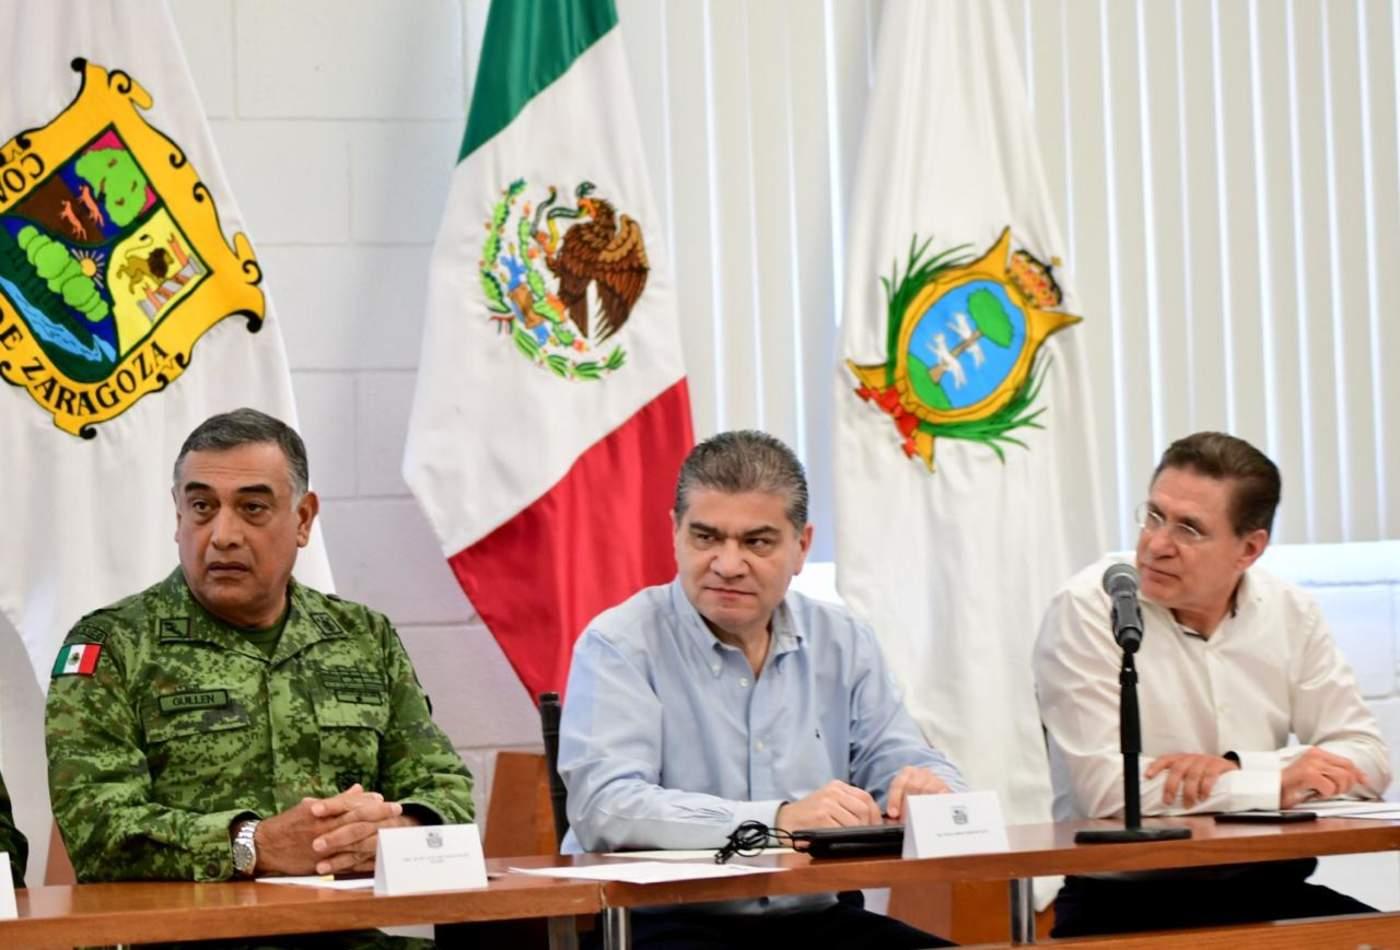 En lo que respecta al tema de la Guardia Nacional, ambos mandatarios solicitaron que se apruebe dicho proyecto que vendrá a fortalecer aún más las acciones de seguridad en ambos estados y en la Comarca Lagunera en particular. (ESPECIAL)